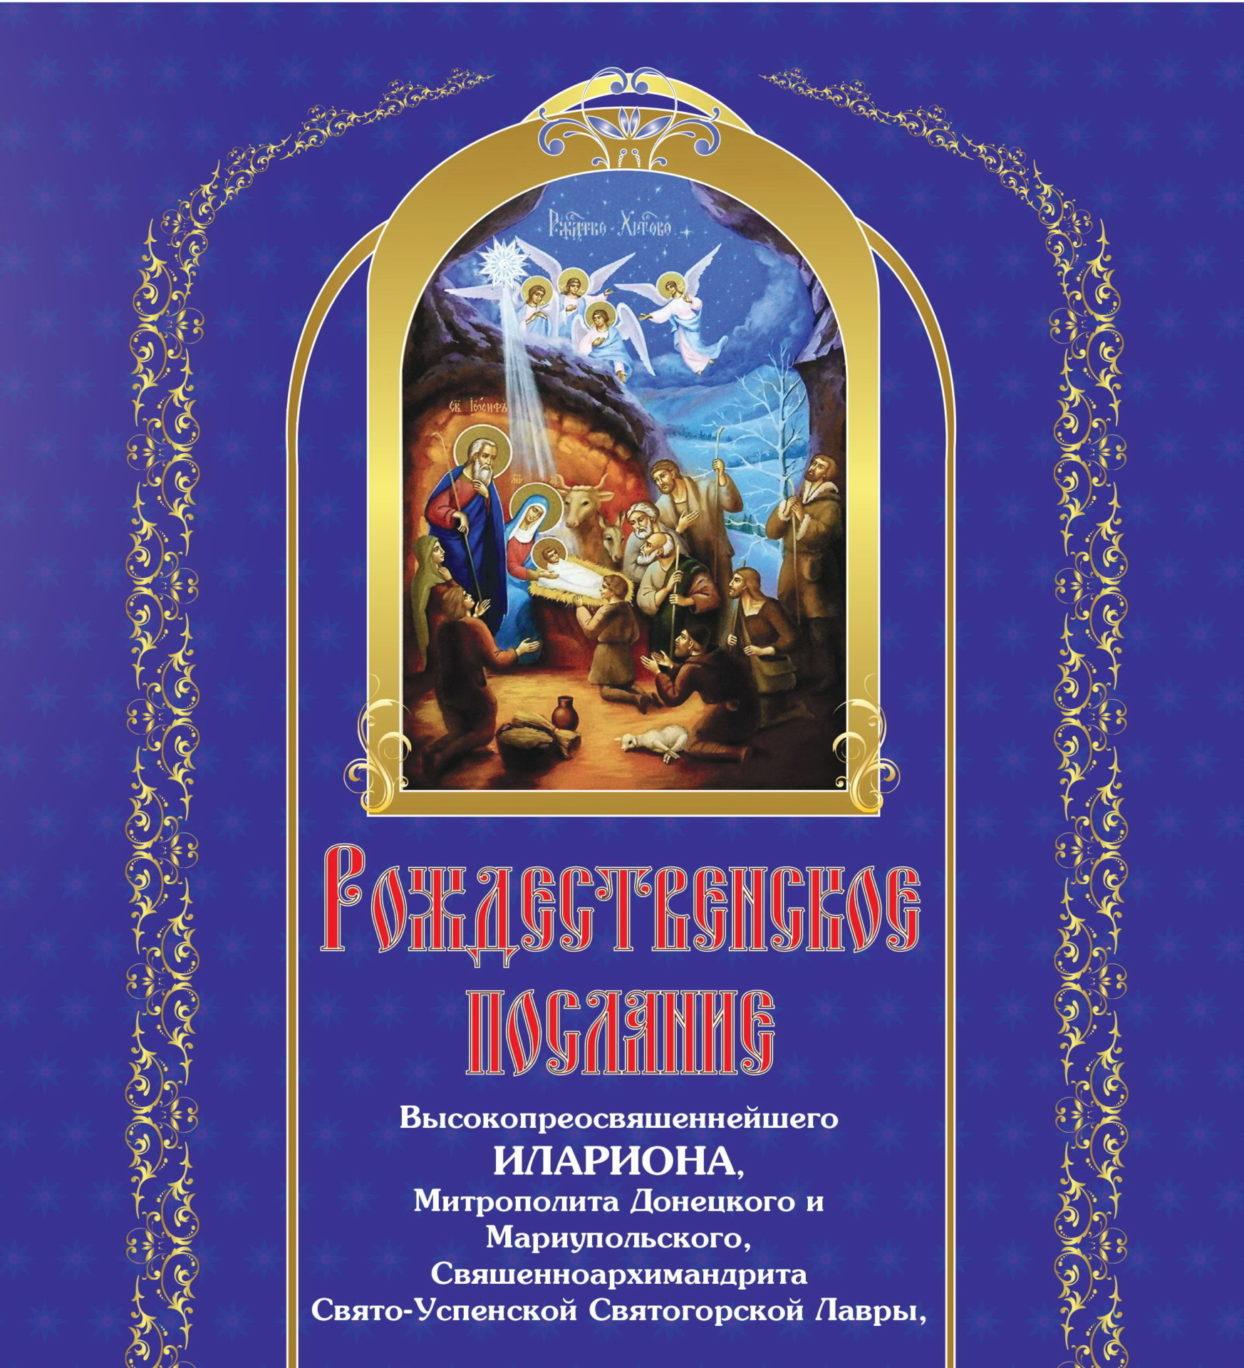 Рождественское послание Высокопреосвященнейшего Илариона, митрополита Донецкого и Мариупольского 2019